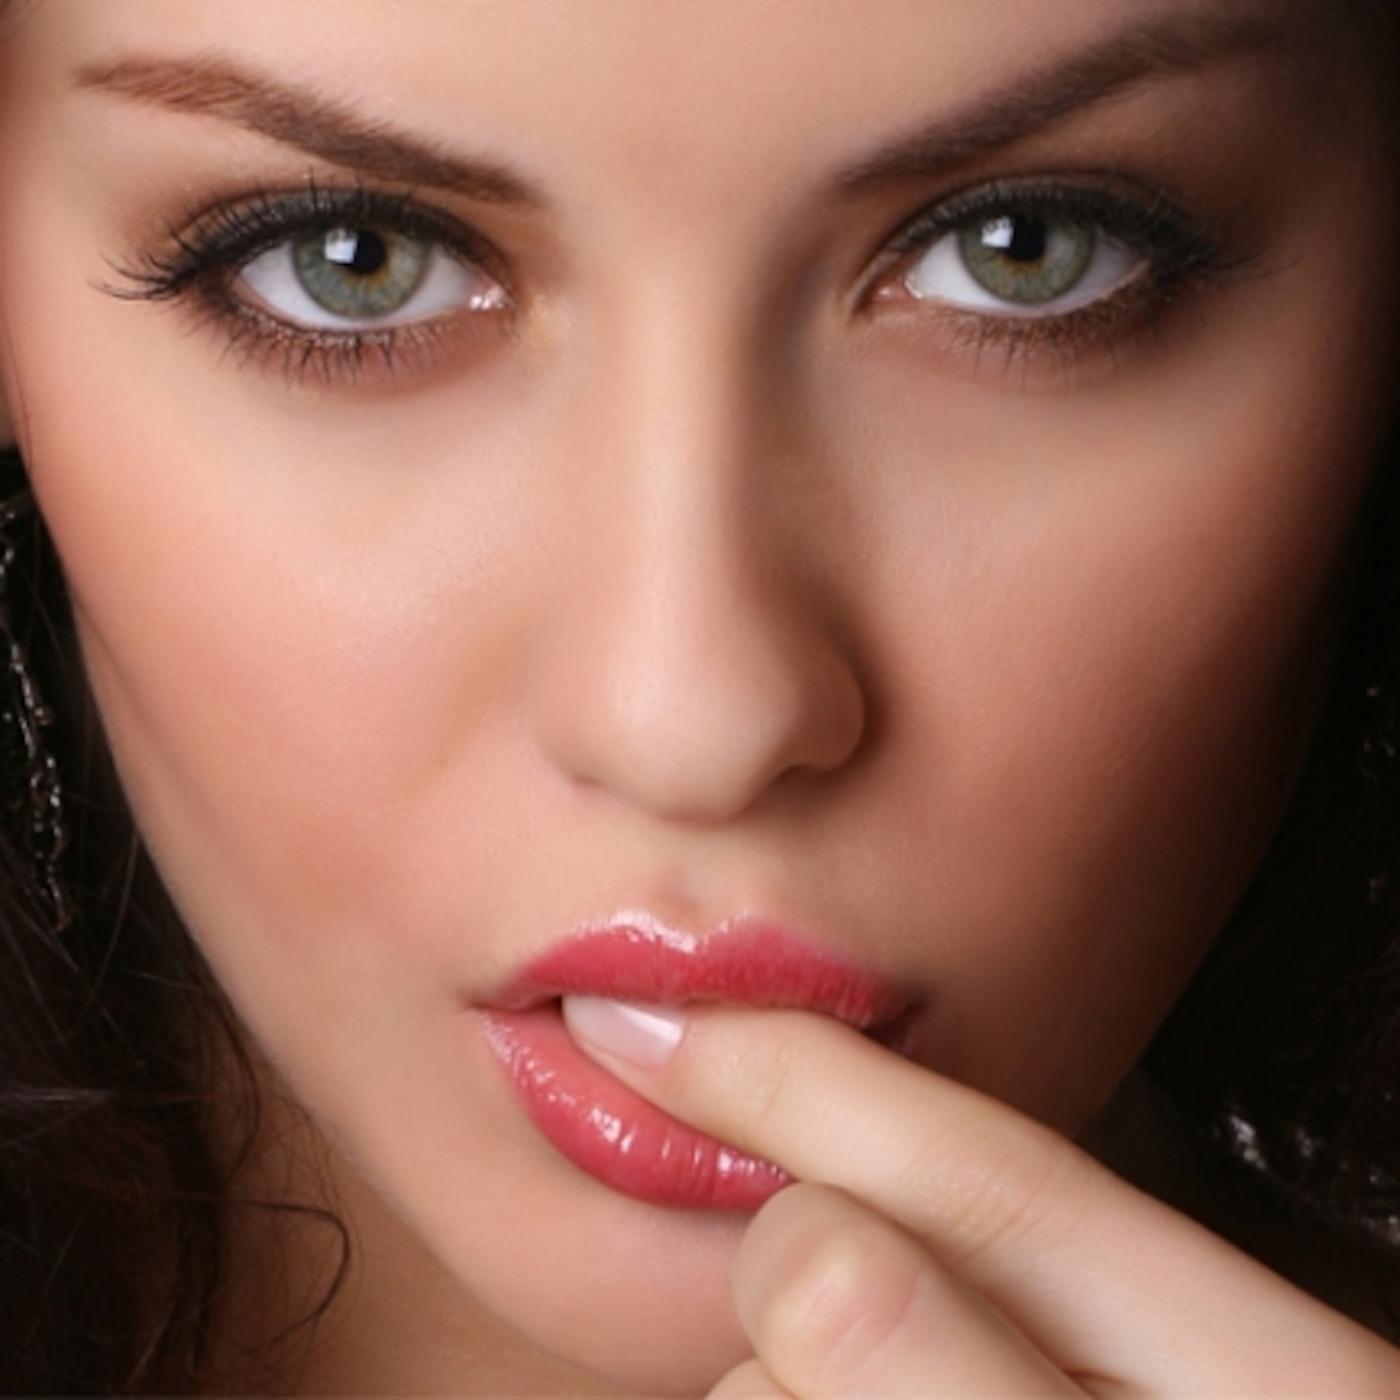 Открытки. 6 июля -день поцелуя! Девушка готовится послать поцелуй воздушный